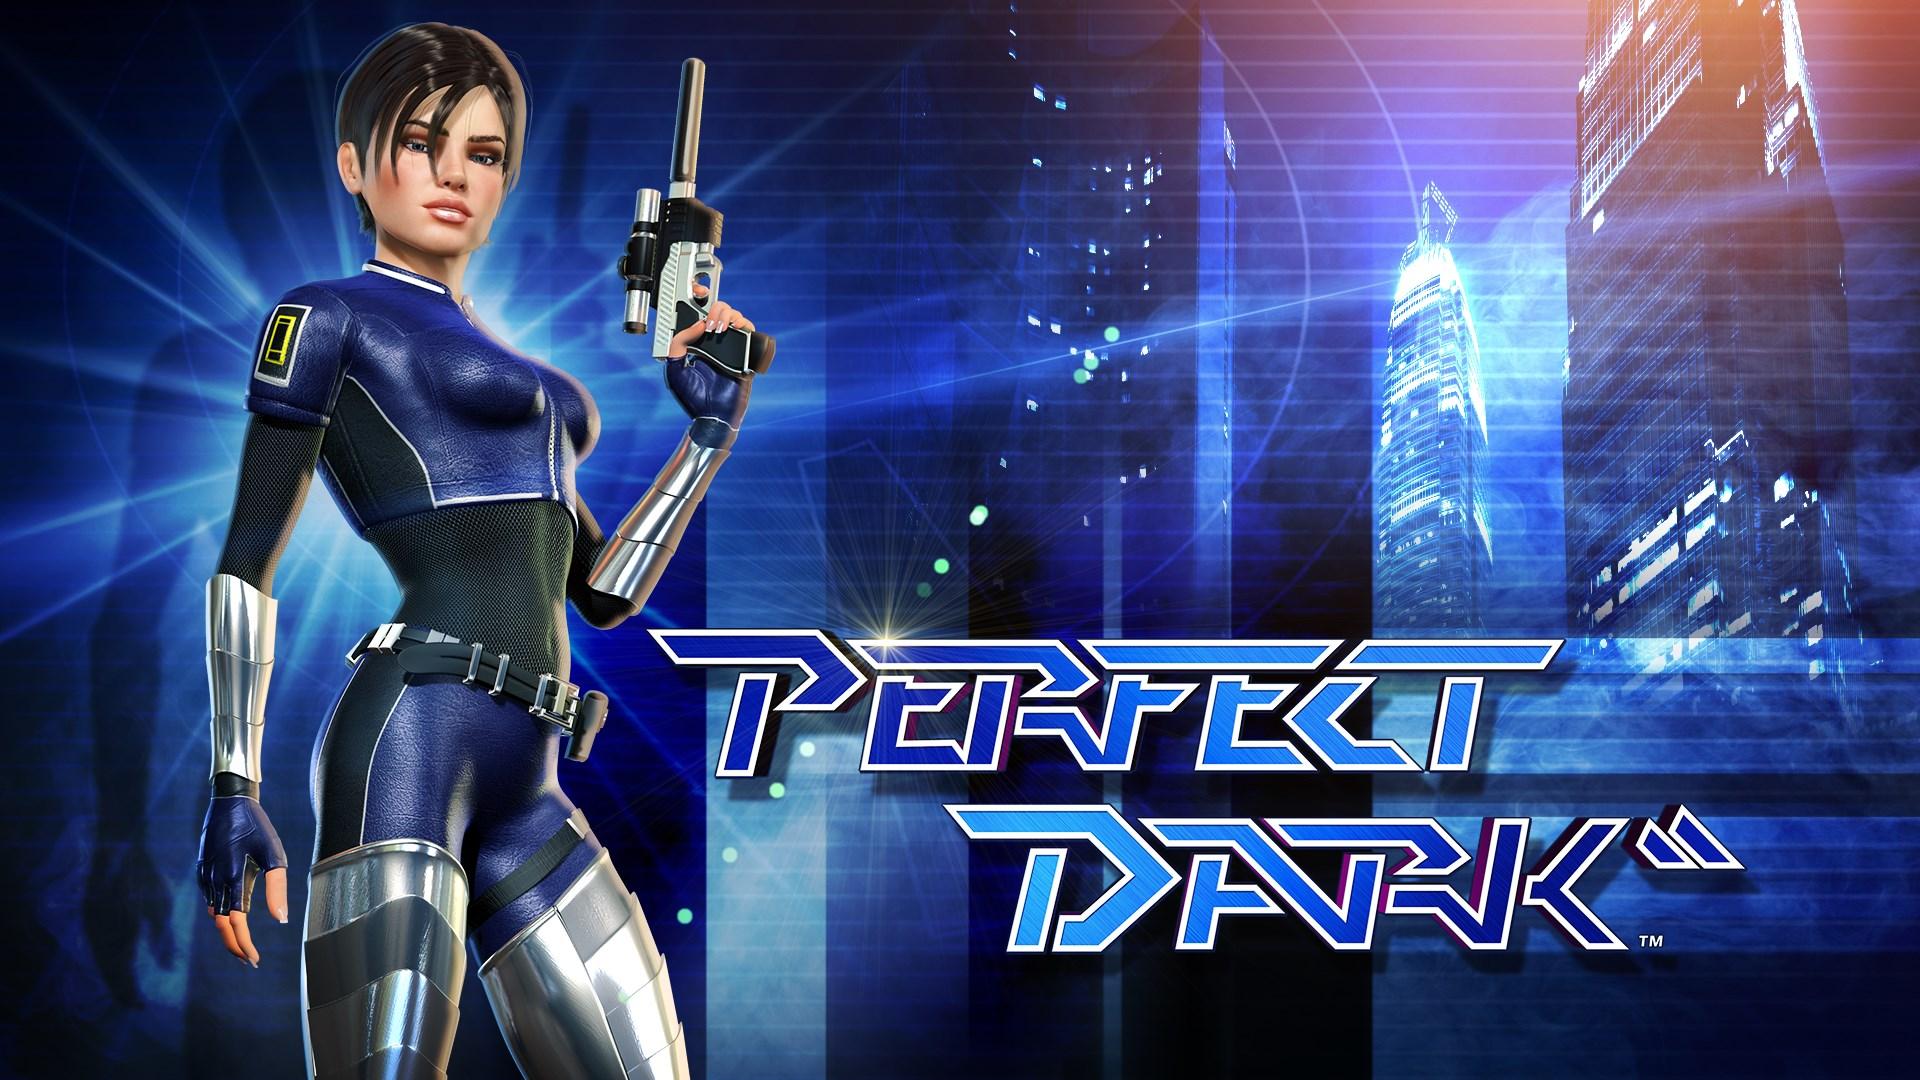 Картинки по запросу Perfect Dark